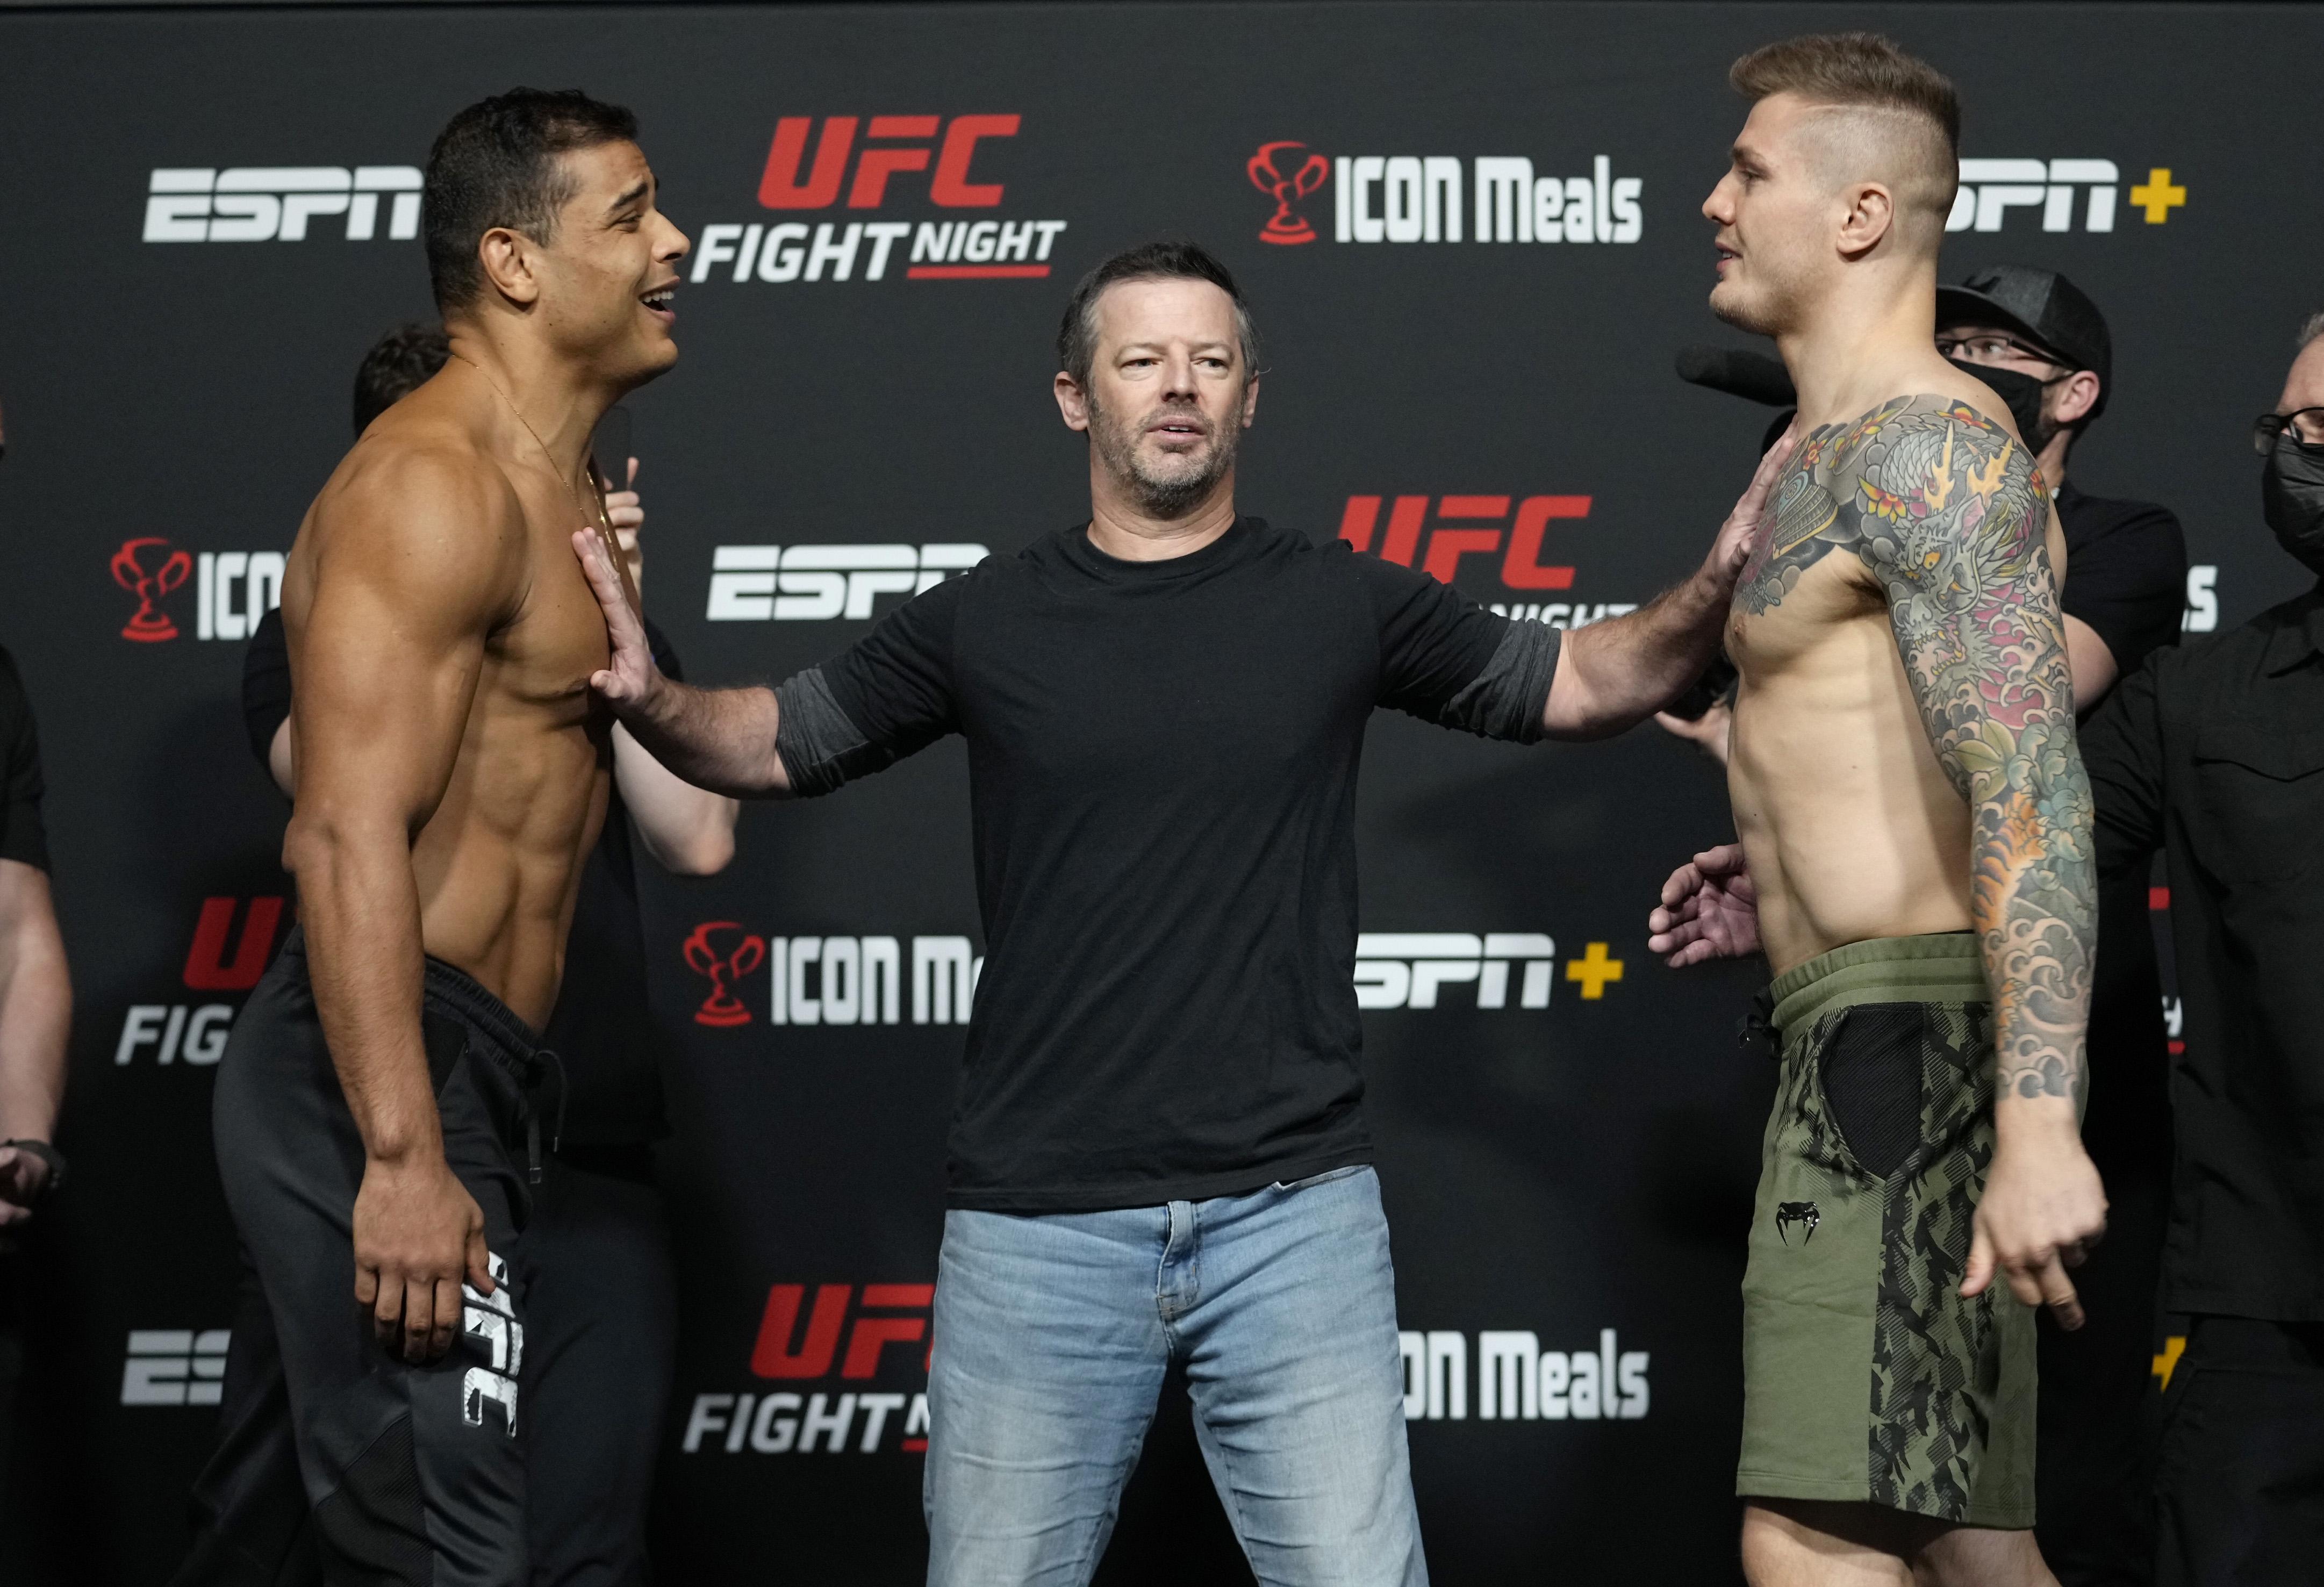 UFC Fight Night: Costa v Vettori weigh-in